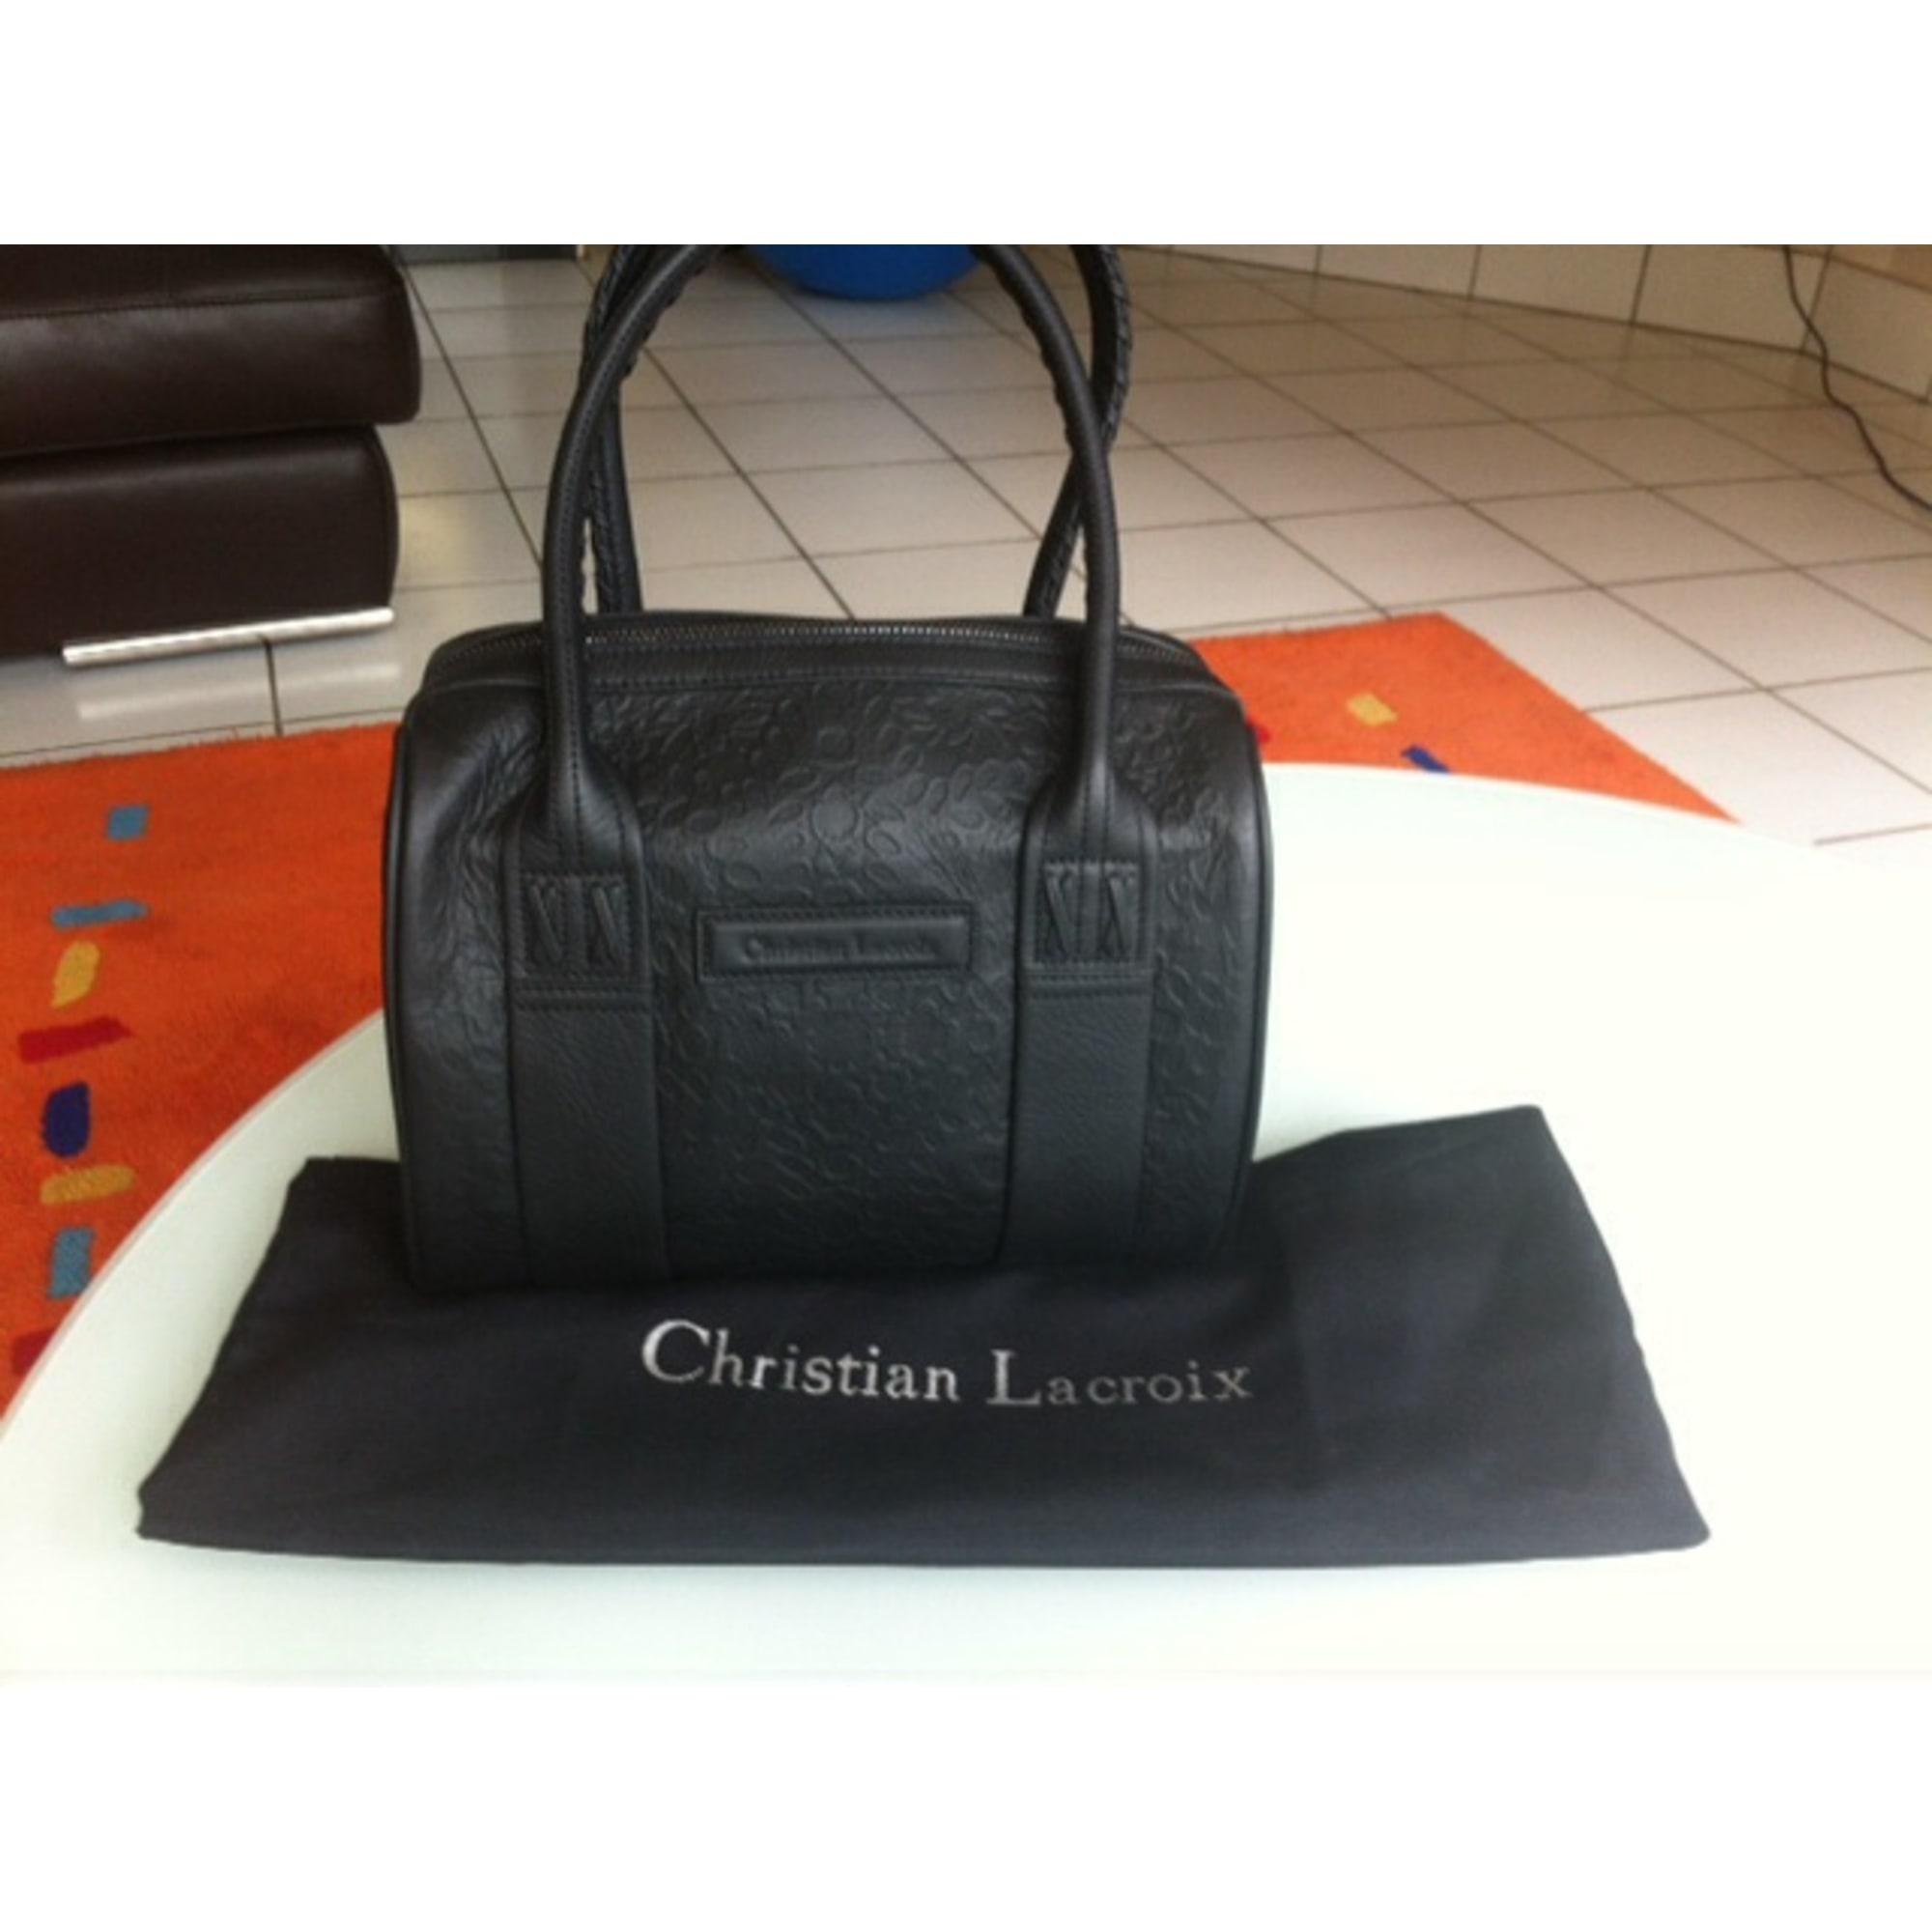 Cuir Vendu Sac Noir Shopname627420 À Christian En Lacroix Main Par VpLqSUzMG